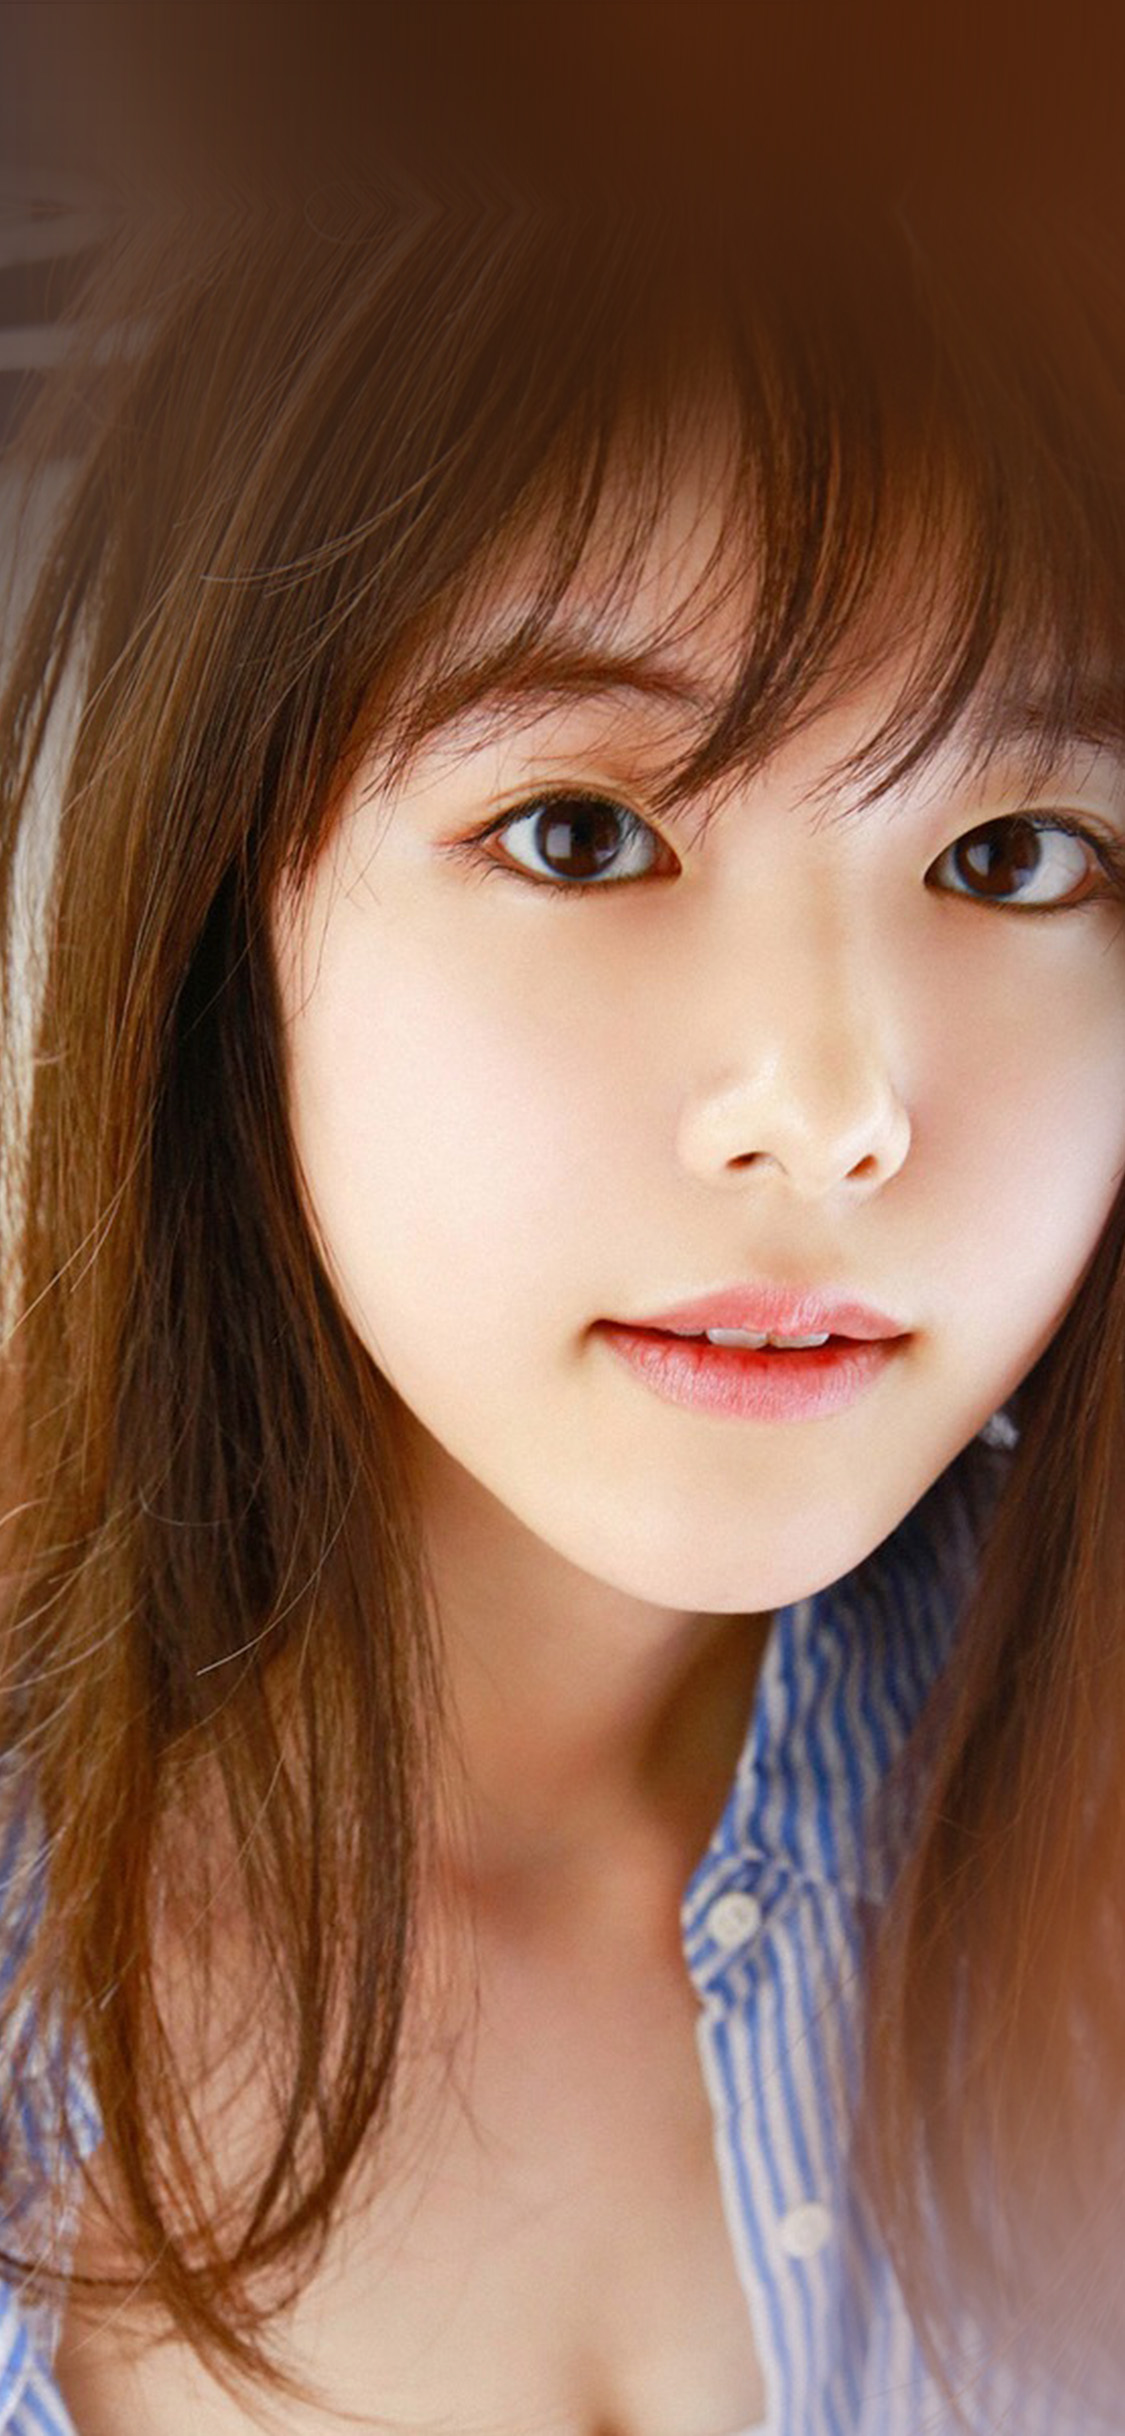 iPhonexpapers.com-Apple-iPhone-wallpaper-ht34-karata-erika-girl-japan